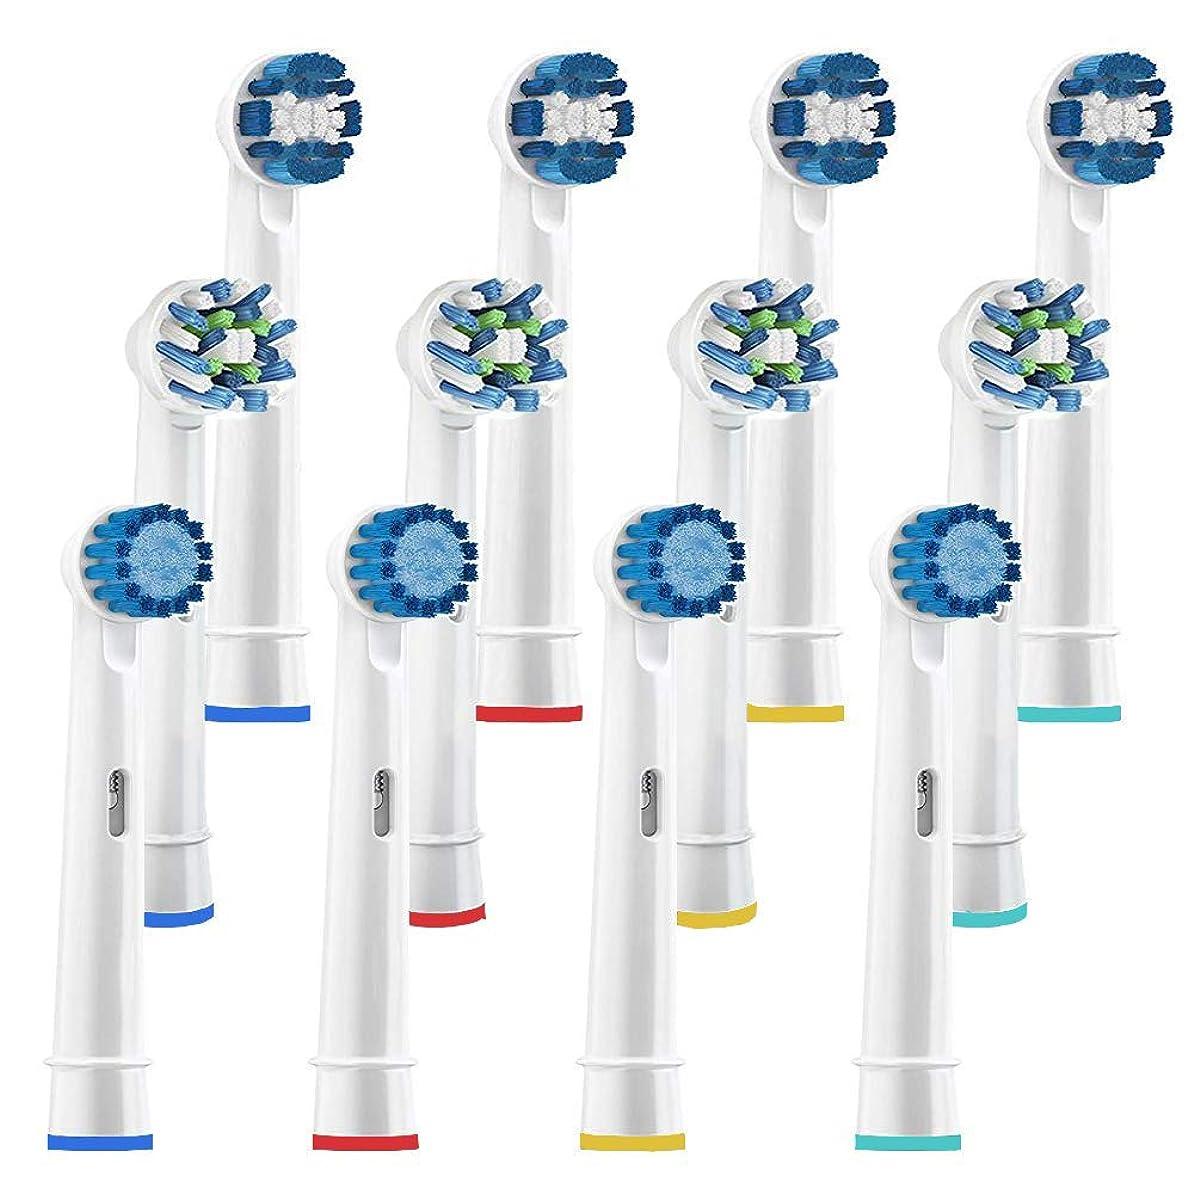 間違いなく批判的に広告NALTU ブラウン オーラルb 対応 電動歯ブラシ 替えブラシ 12本 マルチアクション ベーシックブラシ 互換ブラシ ホワイトニングブラシ ベーシックブラシ